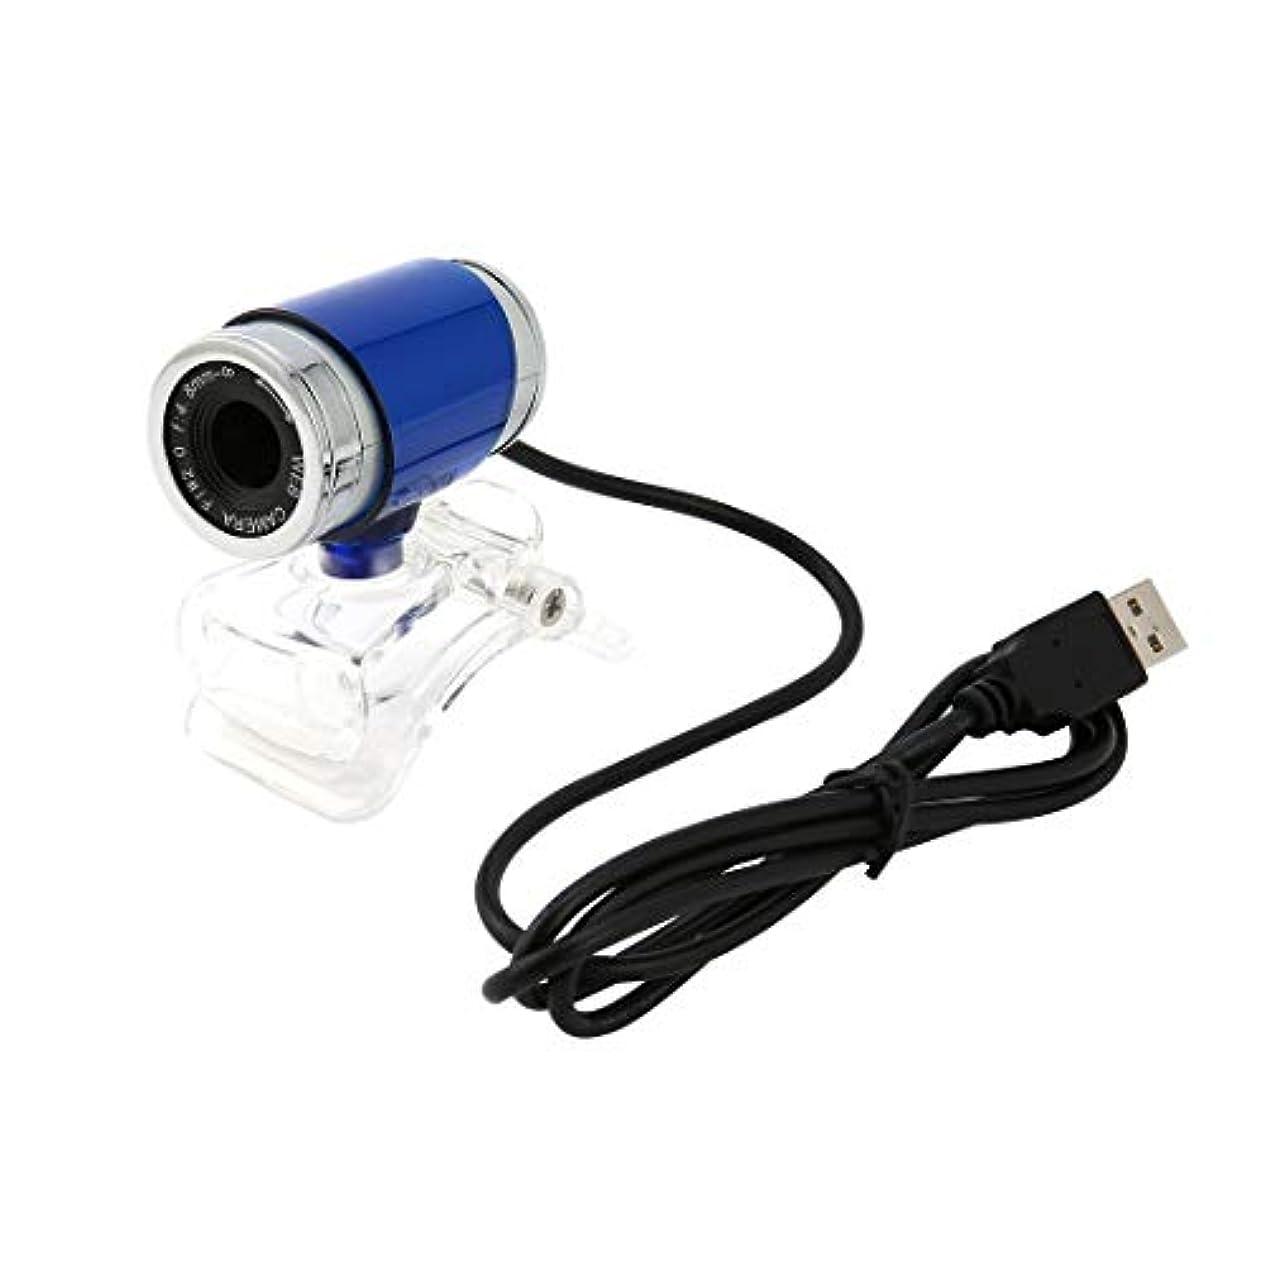 弱いネックレット説明するSwiftgood コンピュータのPCのラップトップデスクトップ用のUSB 5MP HDウェブカメラウェブカメラカメラ